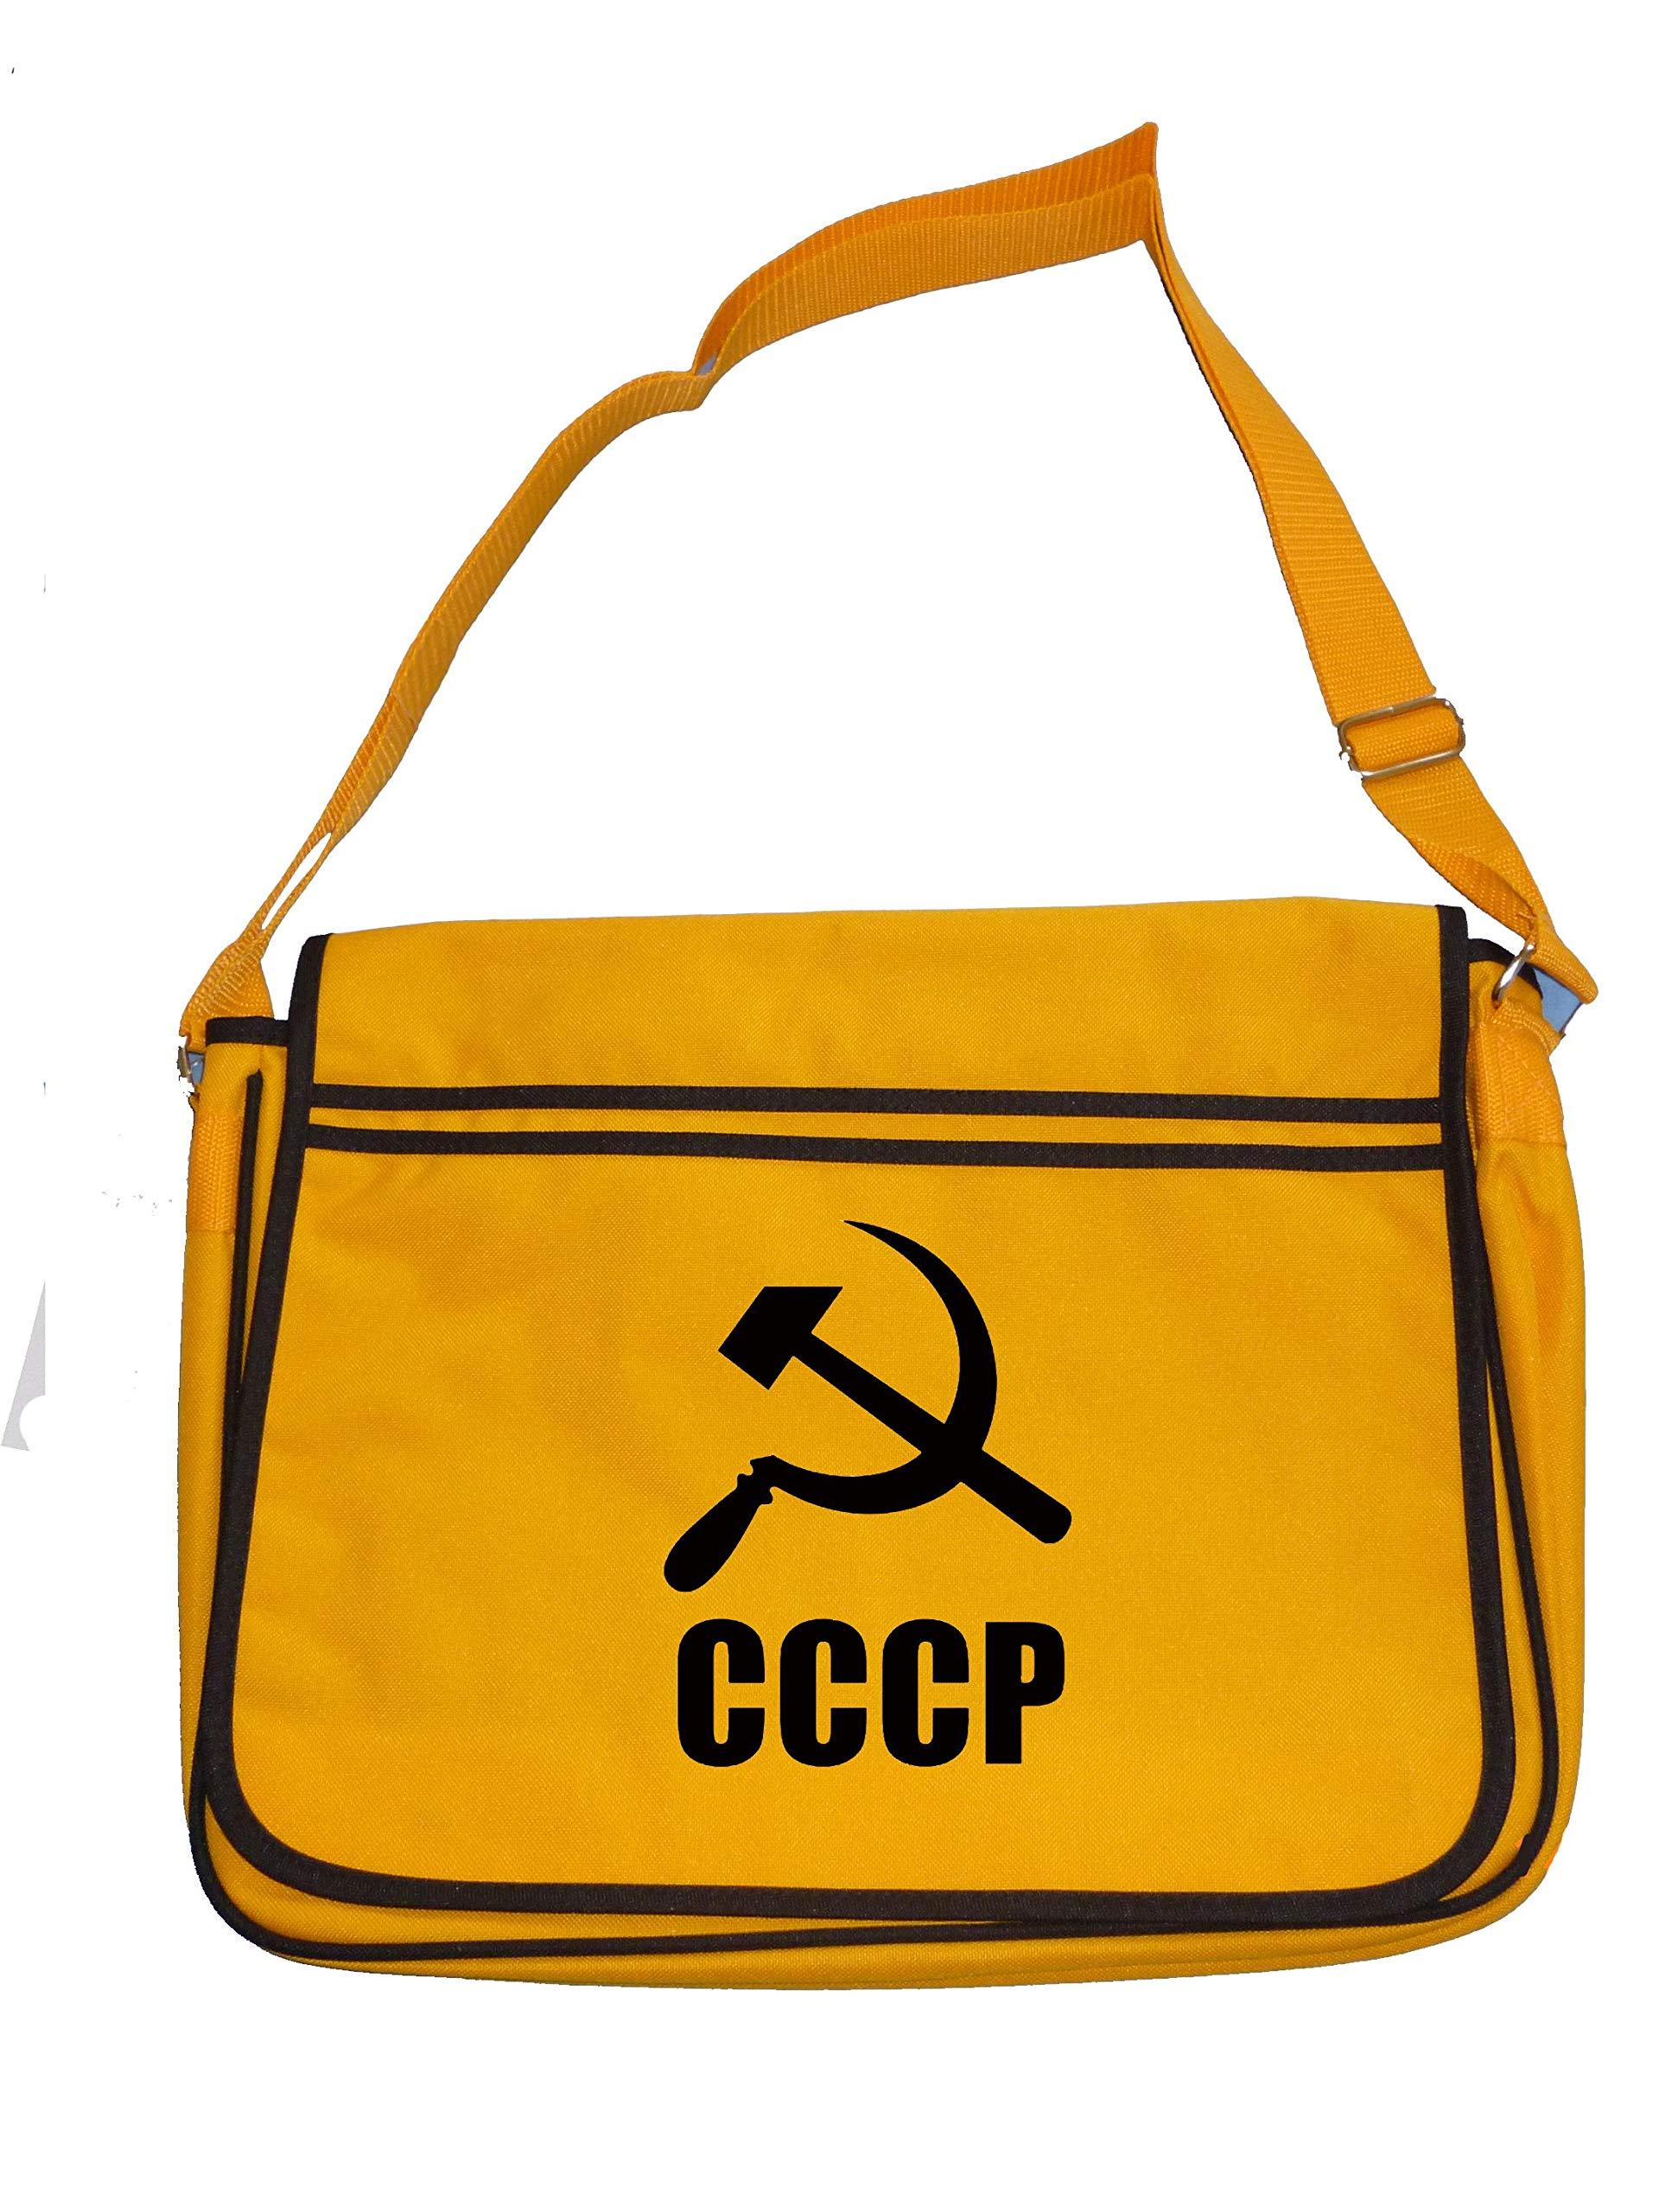 Russian Hammer and Sickle Communist Symbol  Men/'s Messenger Shoulder Bag CCCP